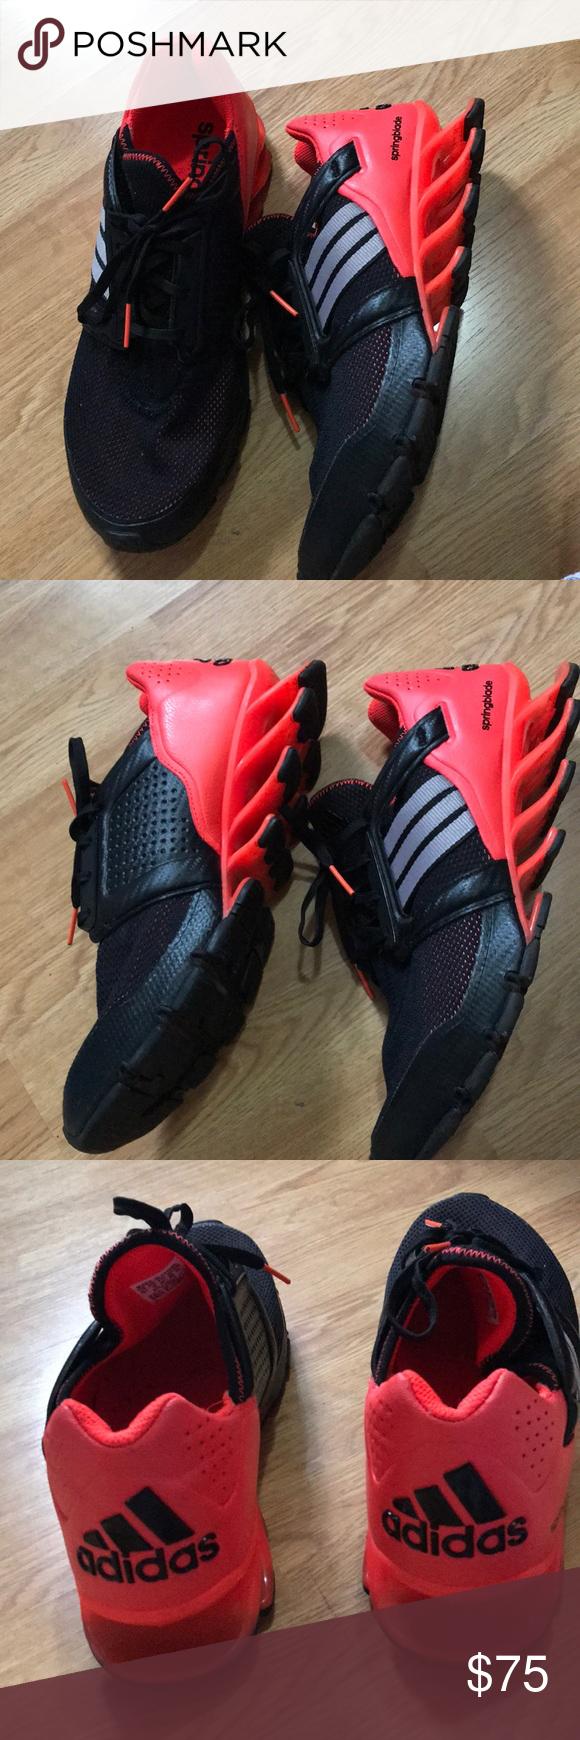 adidas springblade shoes price